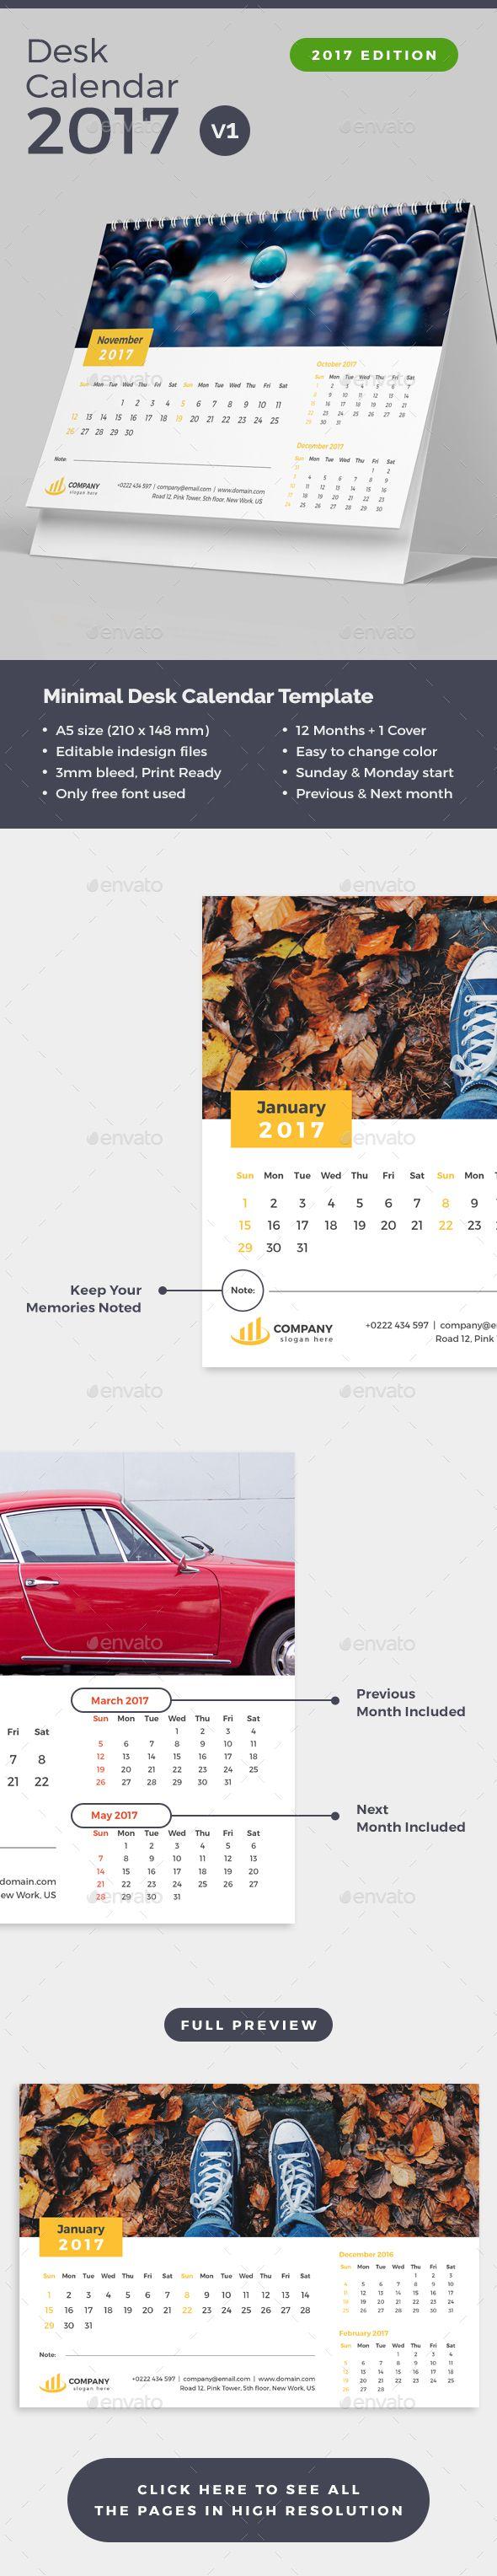 Desk Calendar 2017 — InDesign INDD #sunday #office • Download ➝ https://graphicriver.net/item/desk-calendar-2017/19199396?ref=pxcr